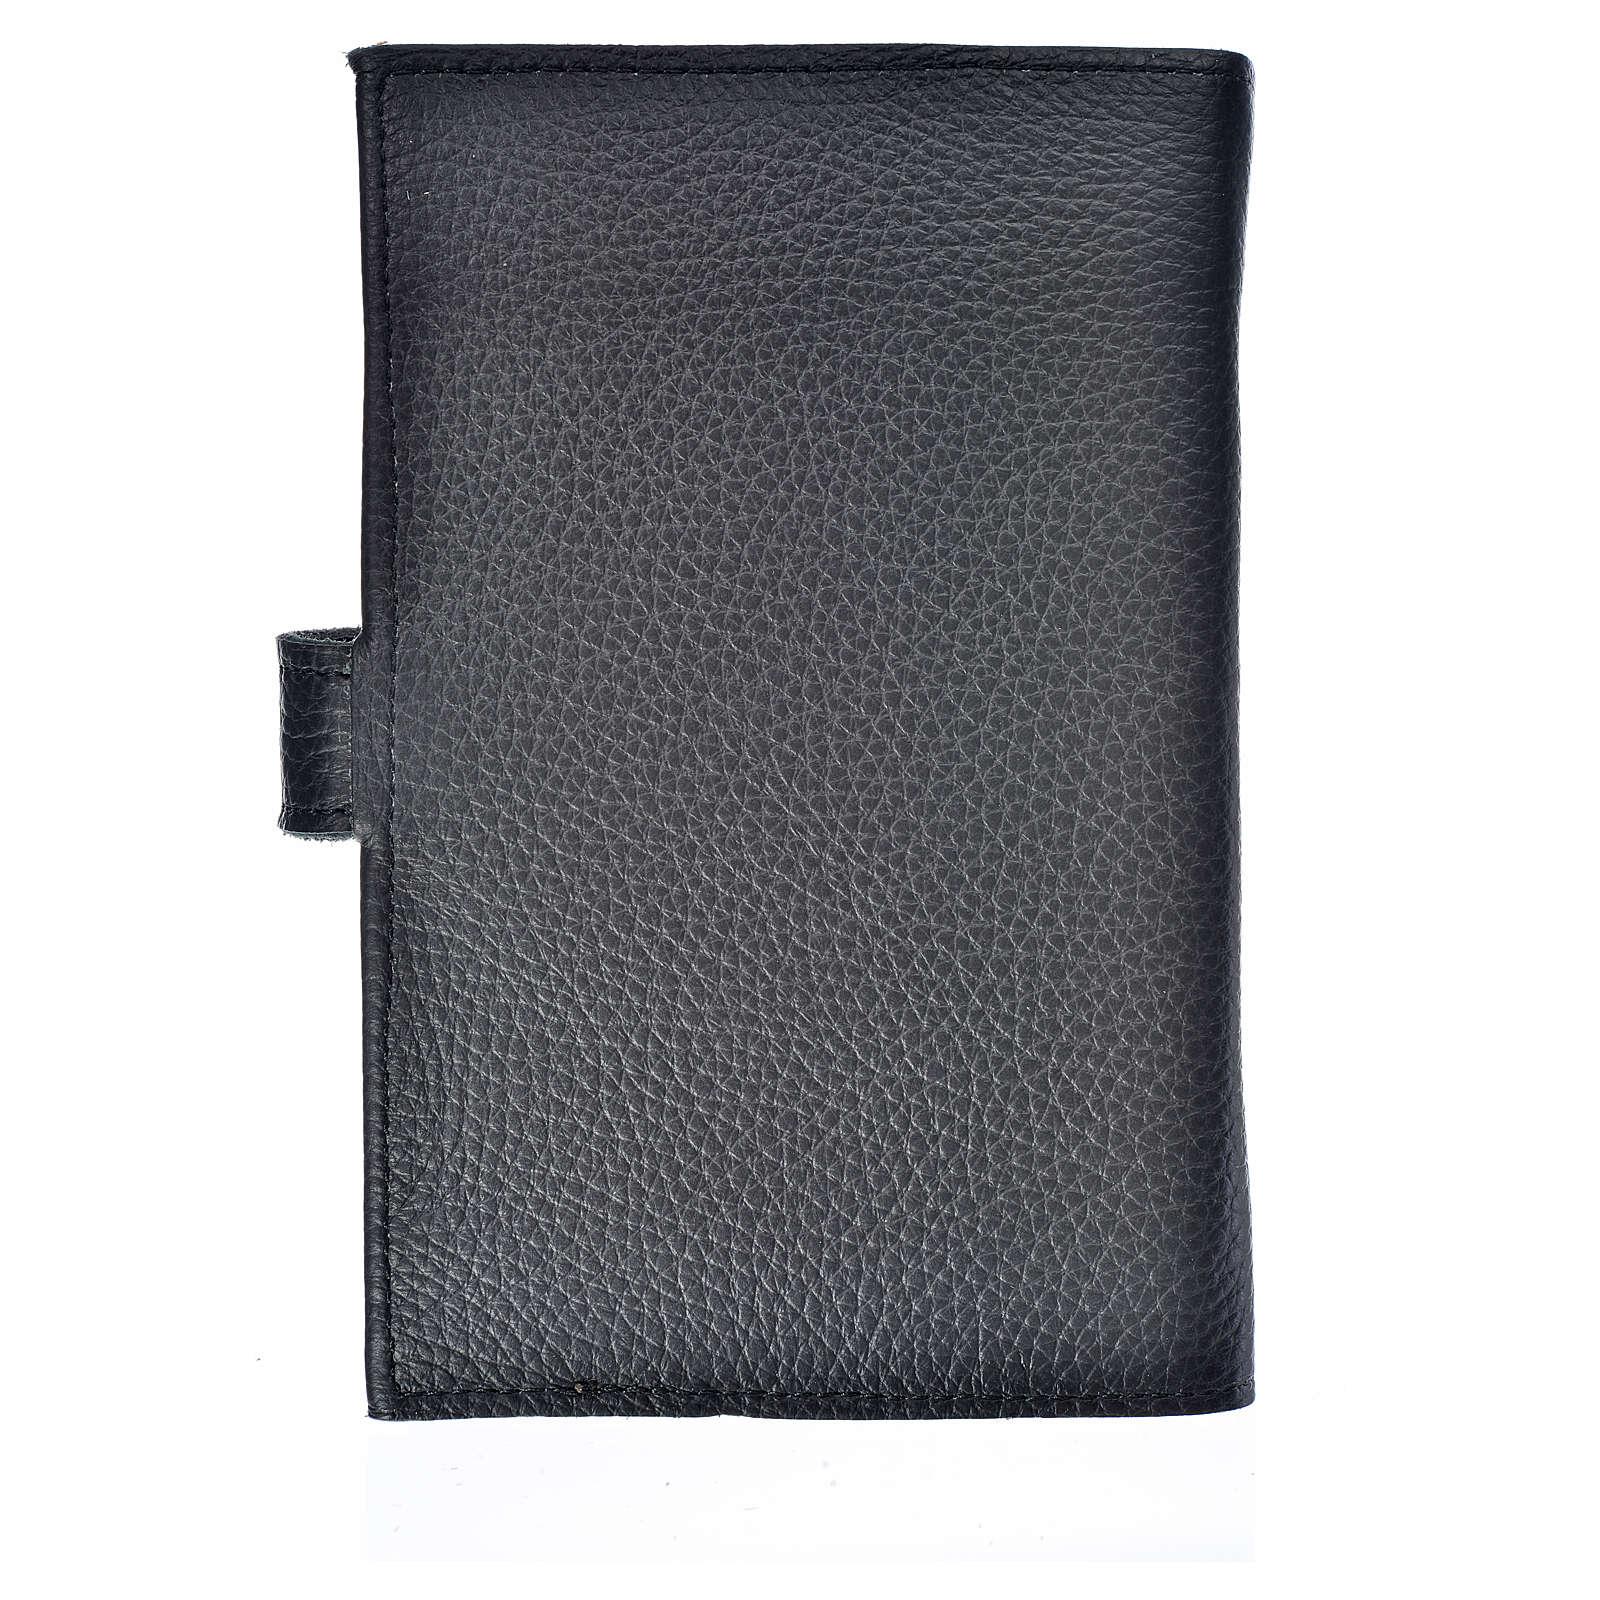 Catholic Bible cover black leather Holy Trinity 4